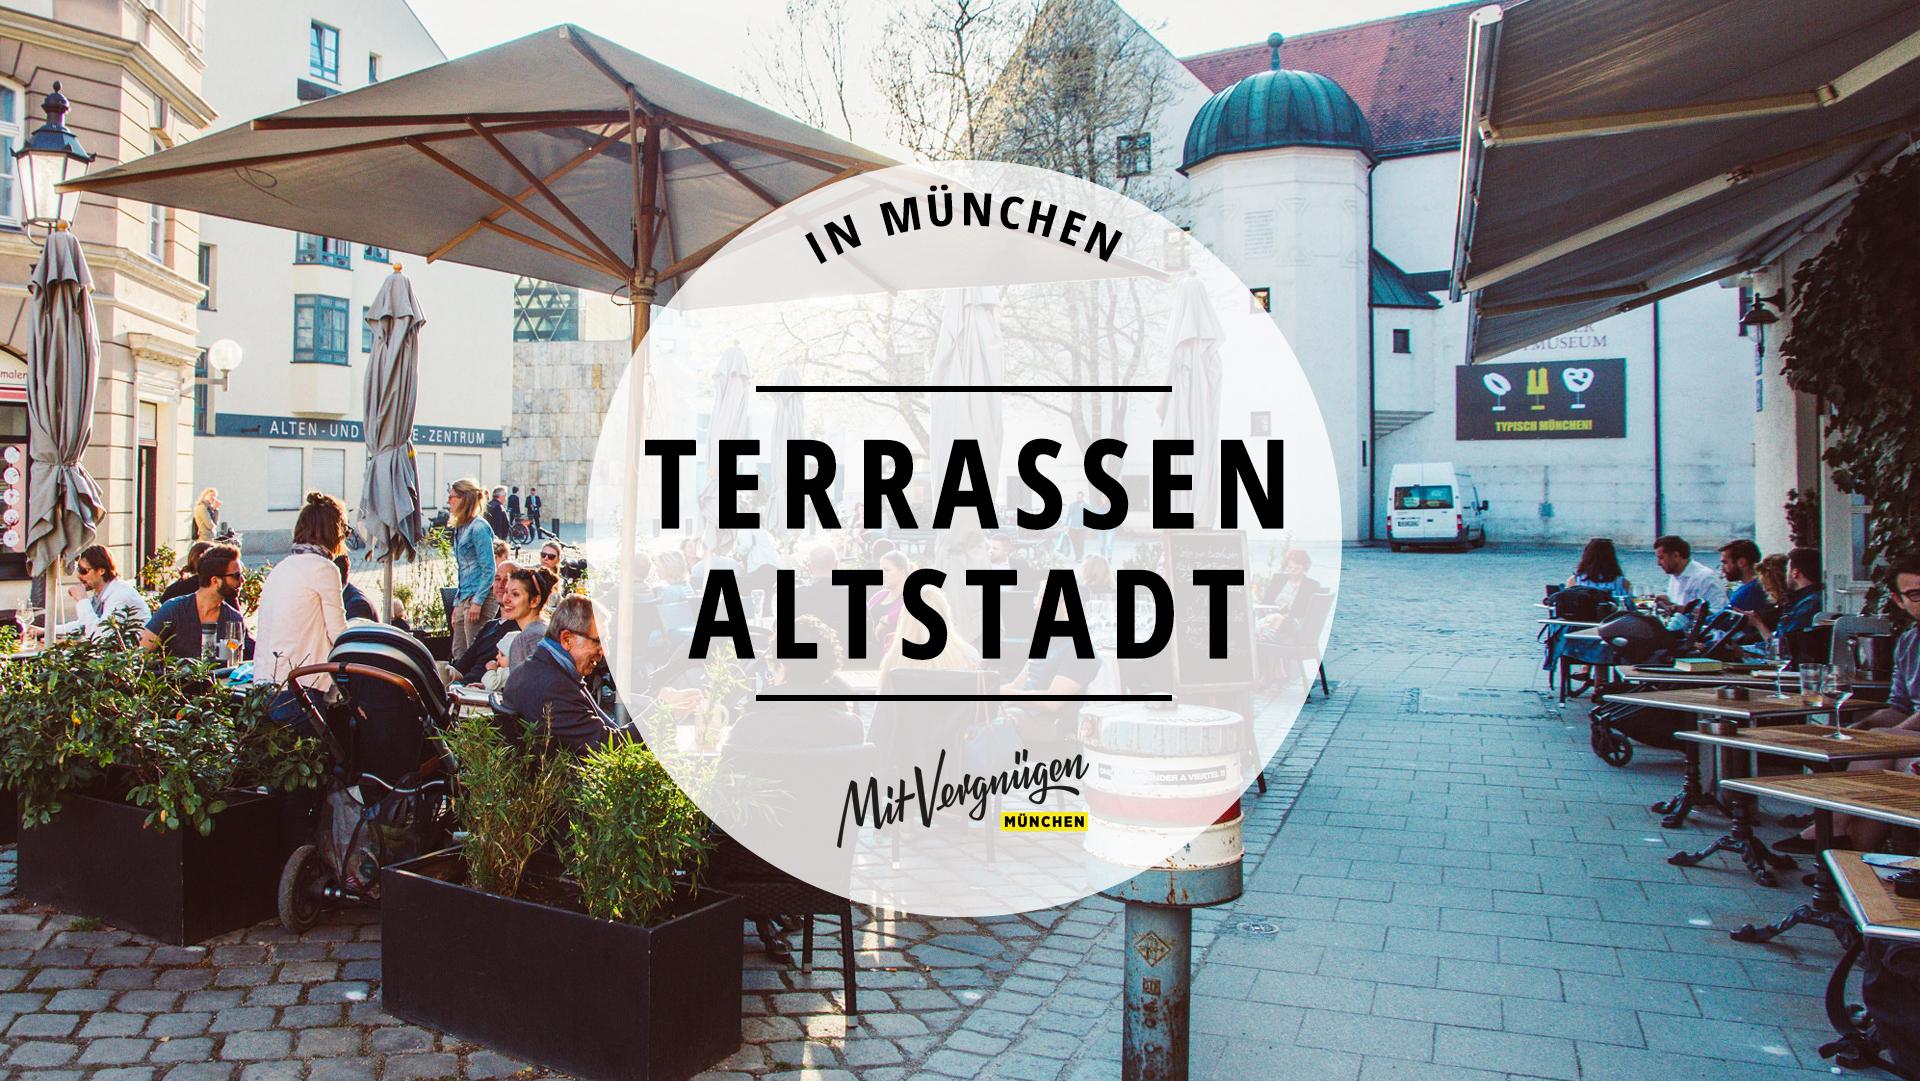 11 Restaurants, Cafés und Bars mit schönen Terrassen in der Altstadt